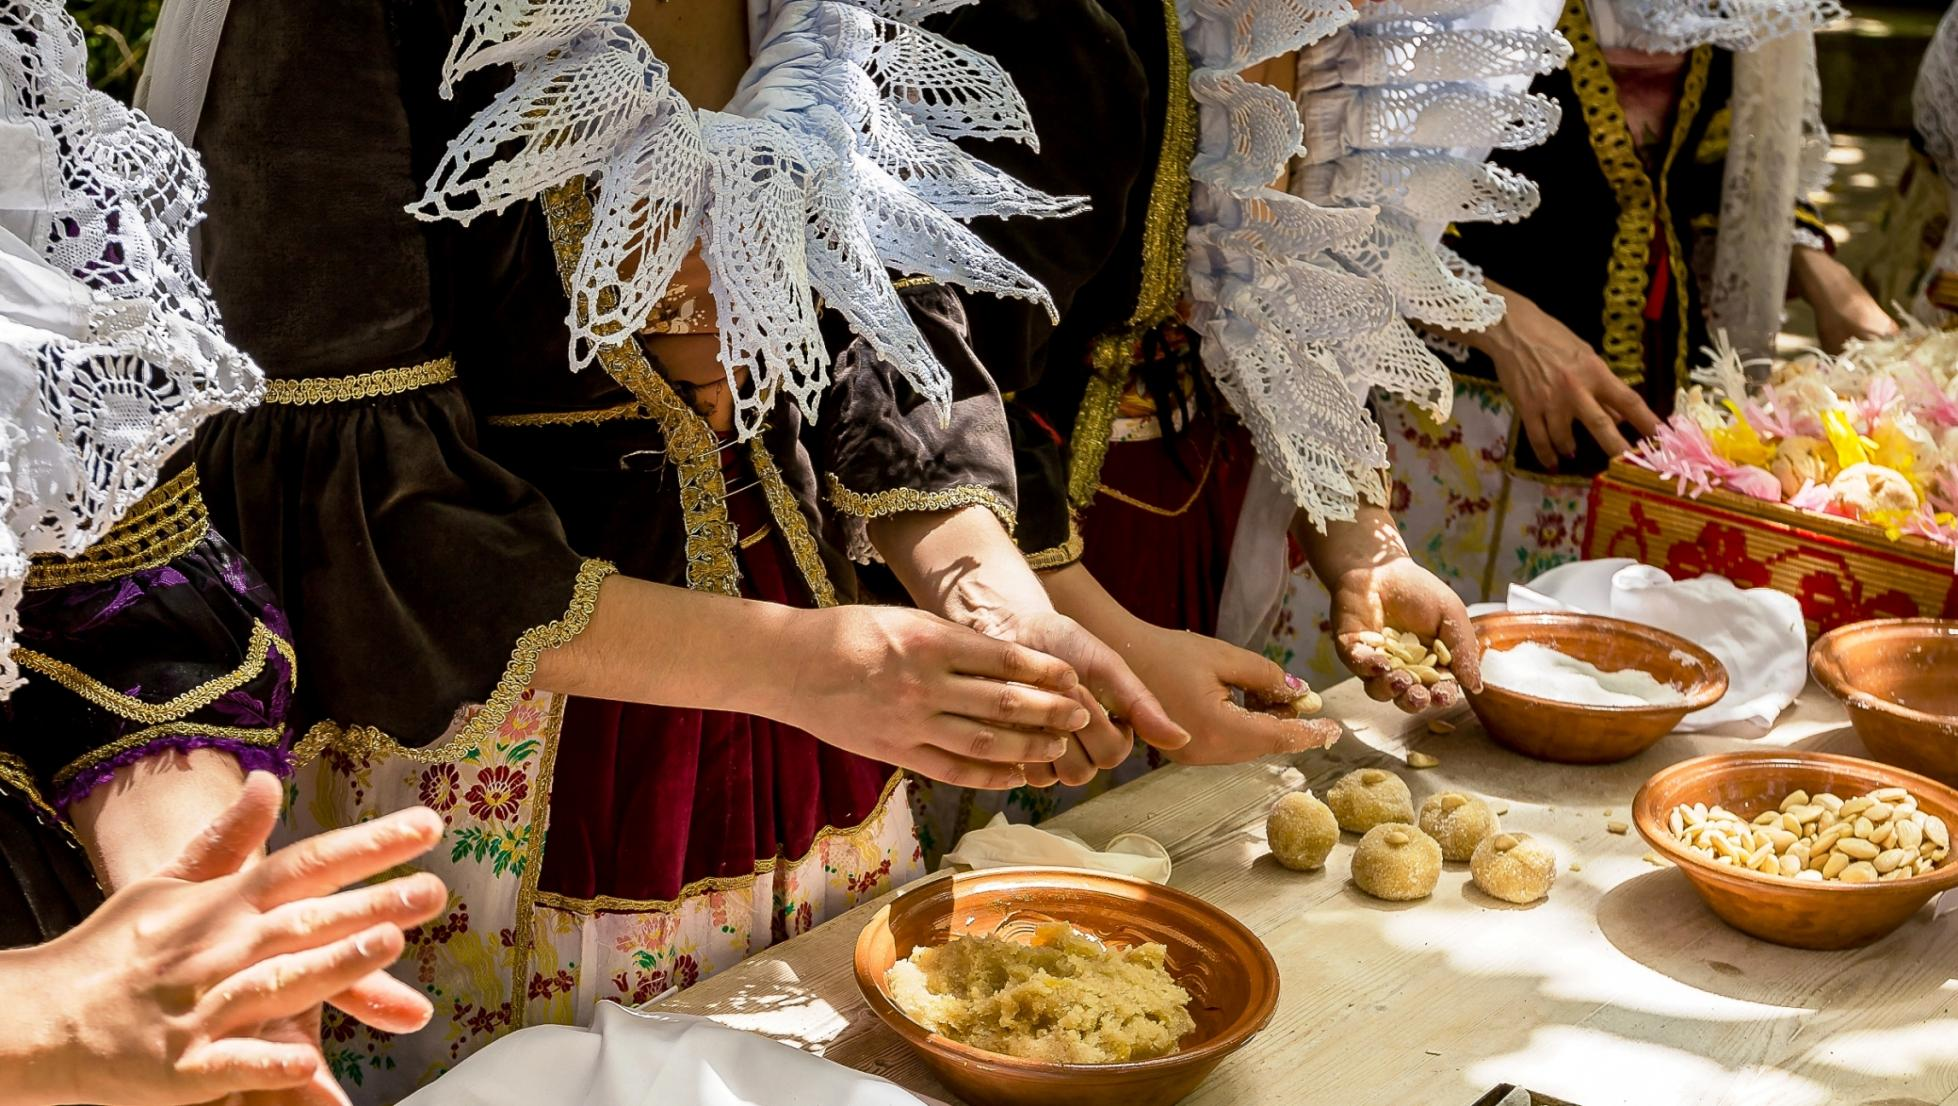 Preparazione di dolci tipici - Casa Atzeri - Maracalagonis